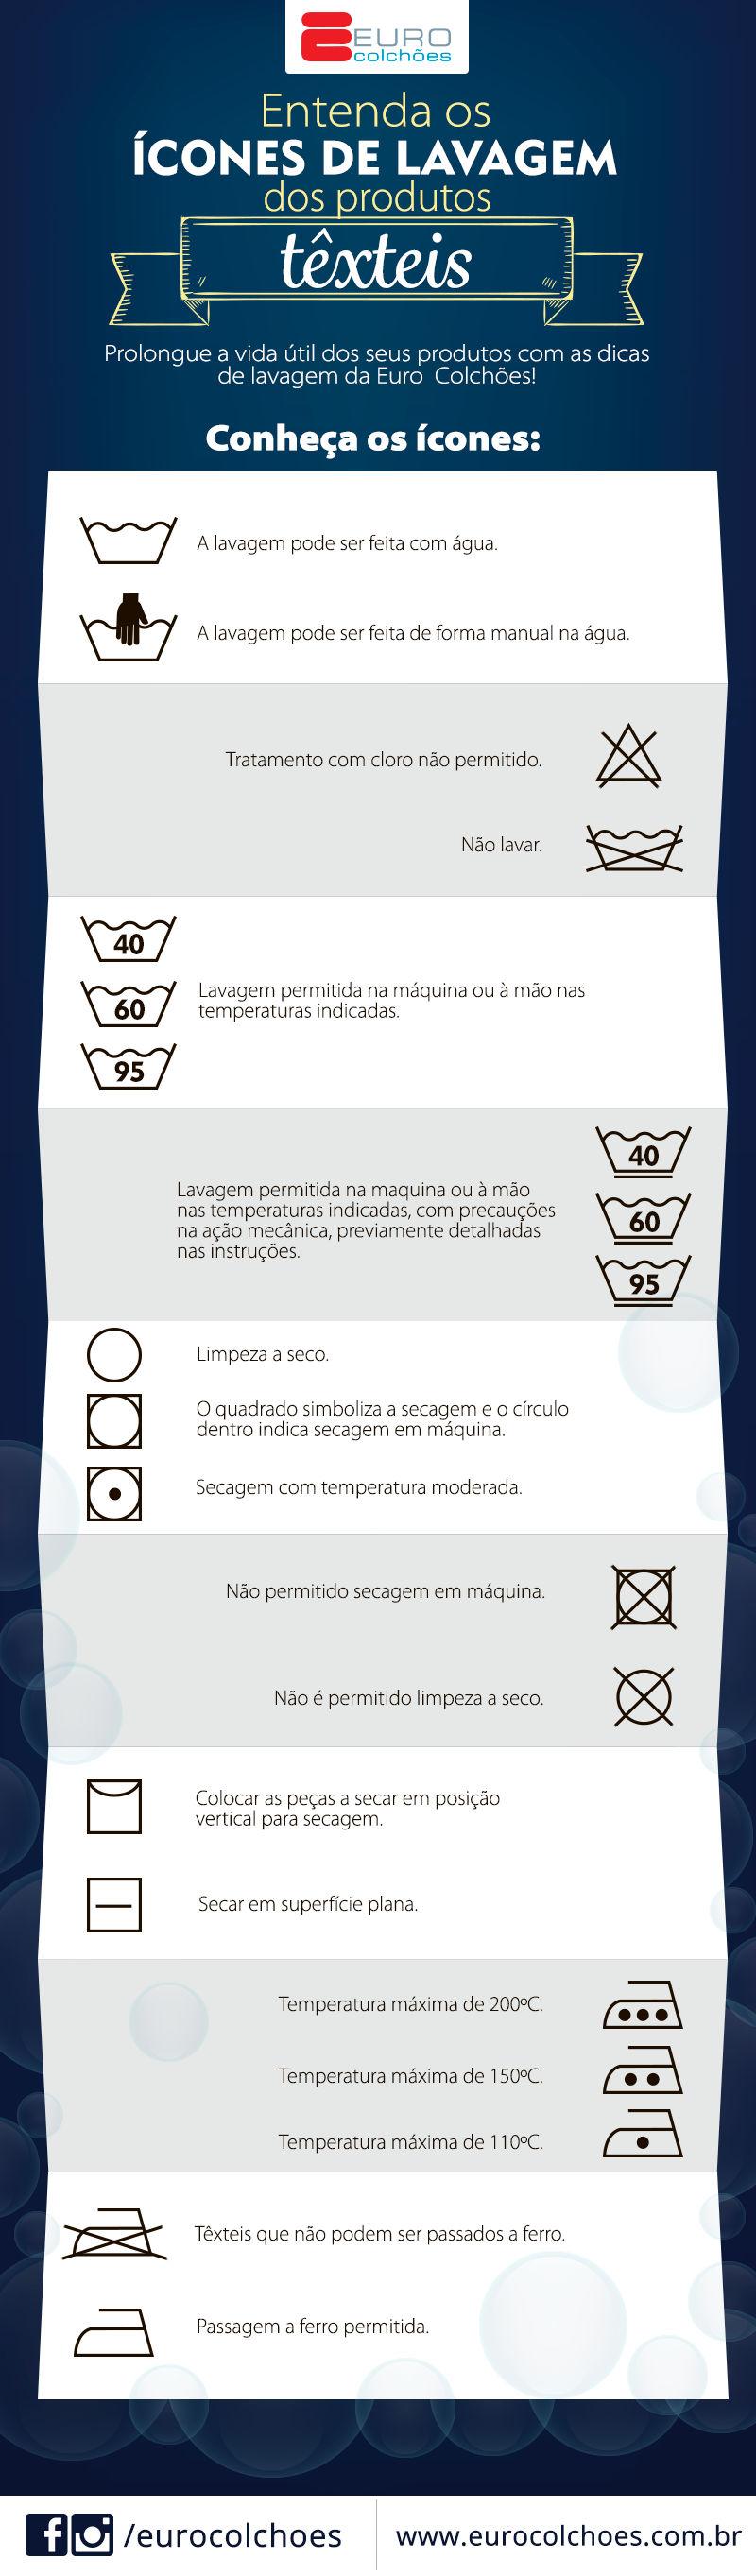 Significado dos ícones de lavagem para texteis